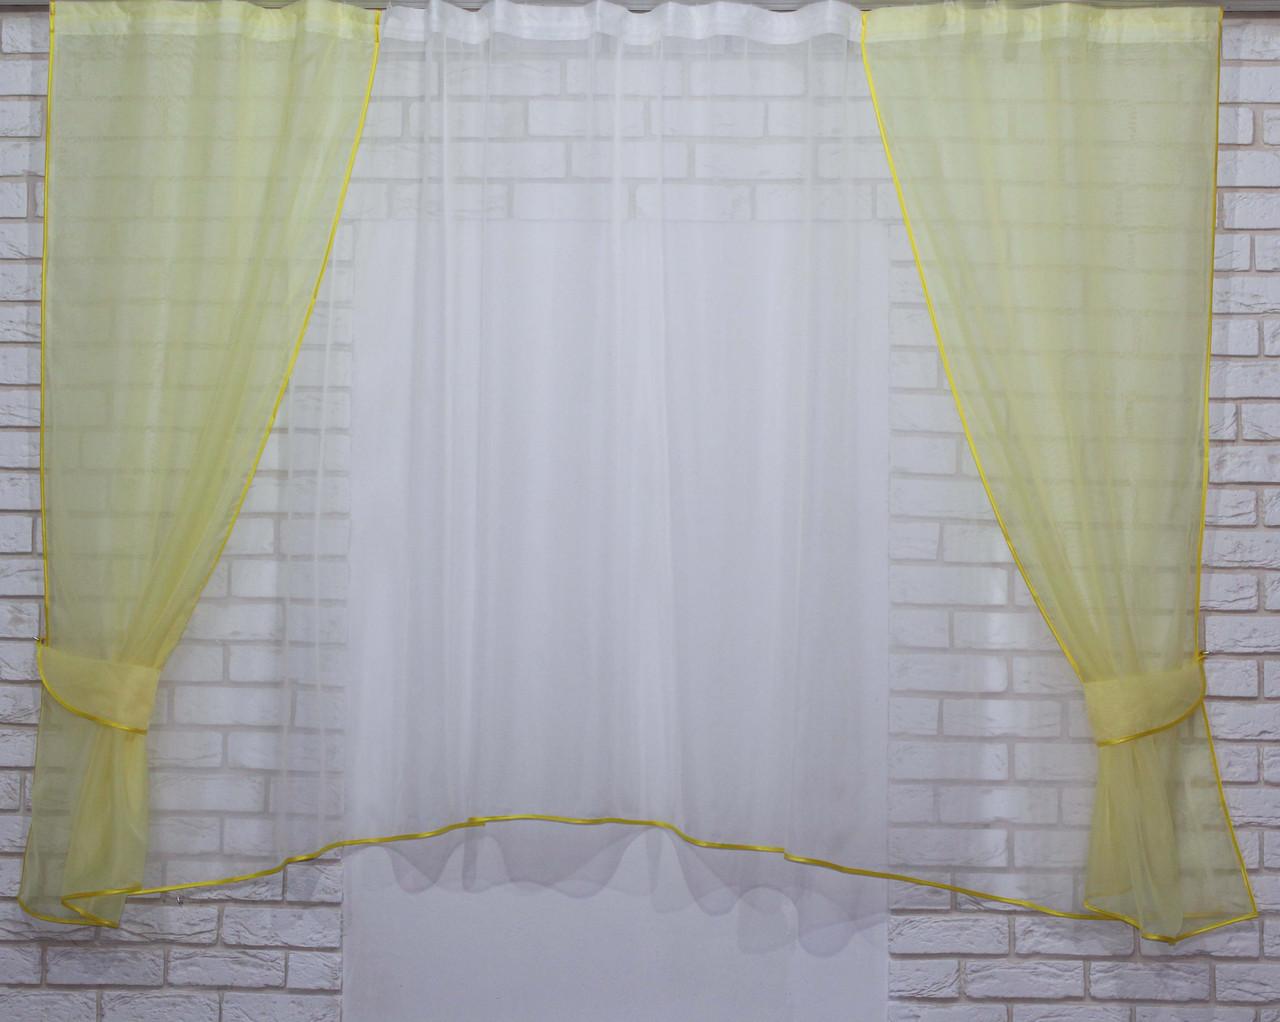 Комплект на кухню, тюль и шторки №51, Цвет жёлтый с белым